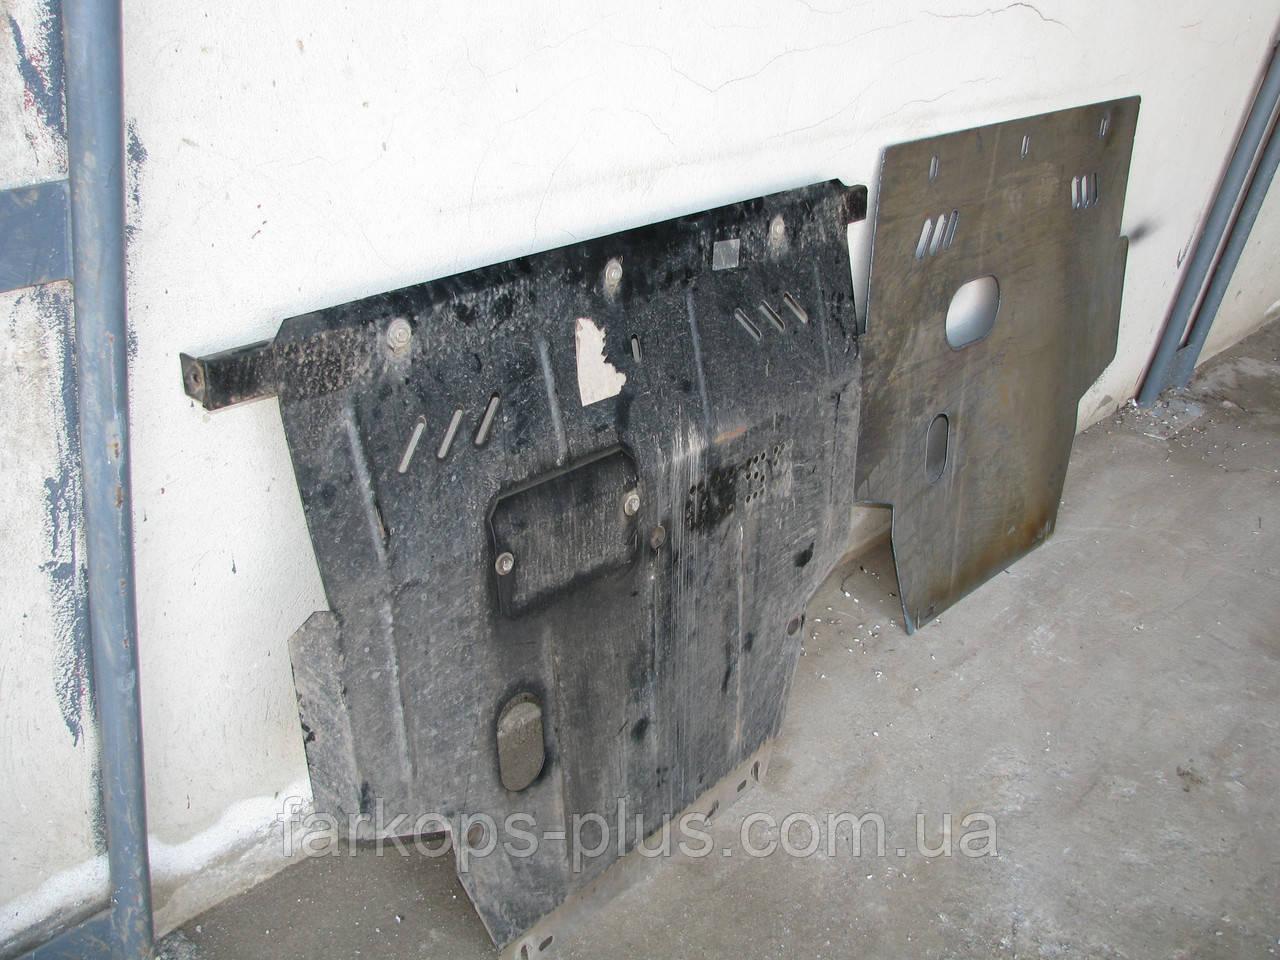 Защита двигателя и кпп - Geely Emgrang EC-7 RV (2012--) все